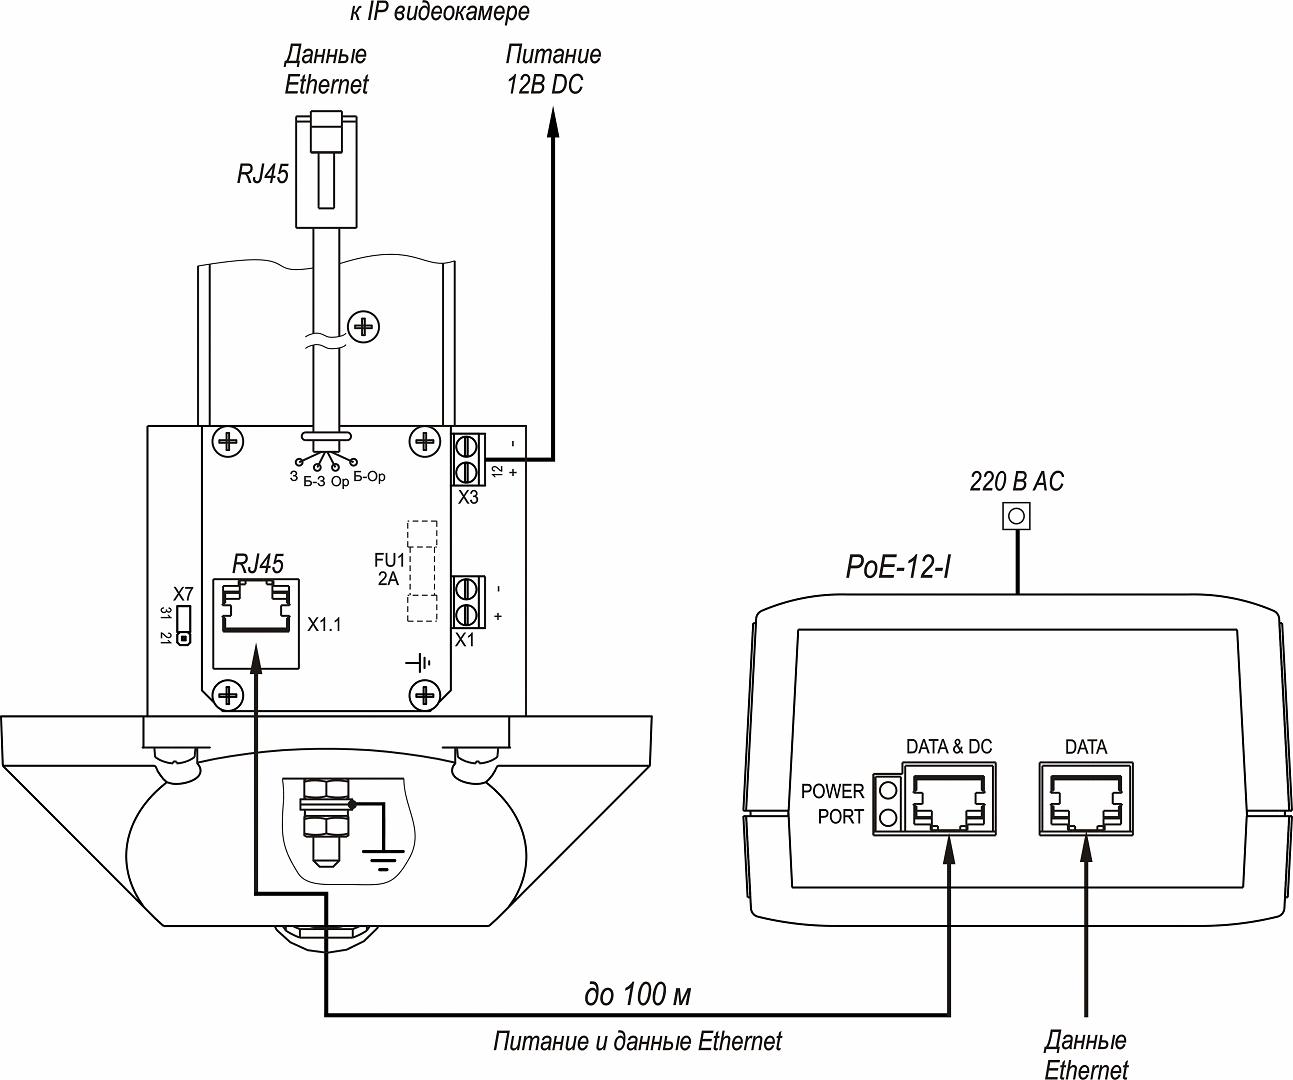 Подключение ТГБ-7 PoE